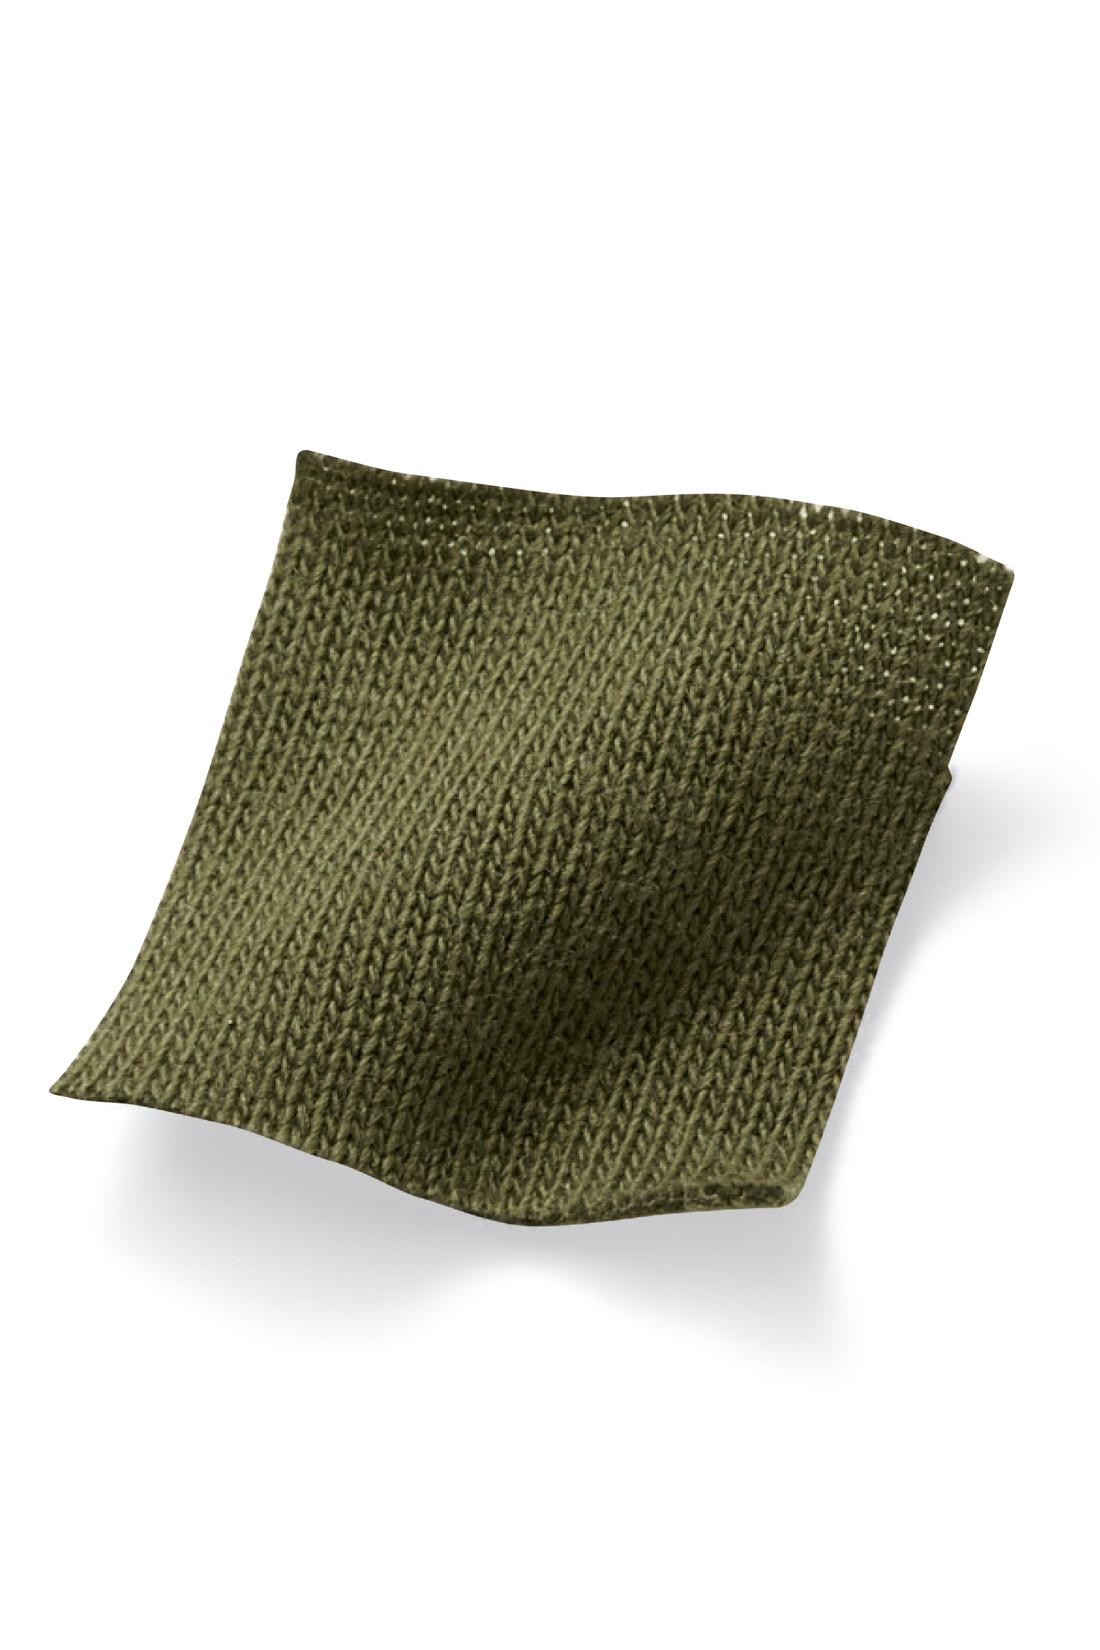 秋口に汗ばむ素肌にも心地いい、カラリとした綿混カットソー素材。